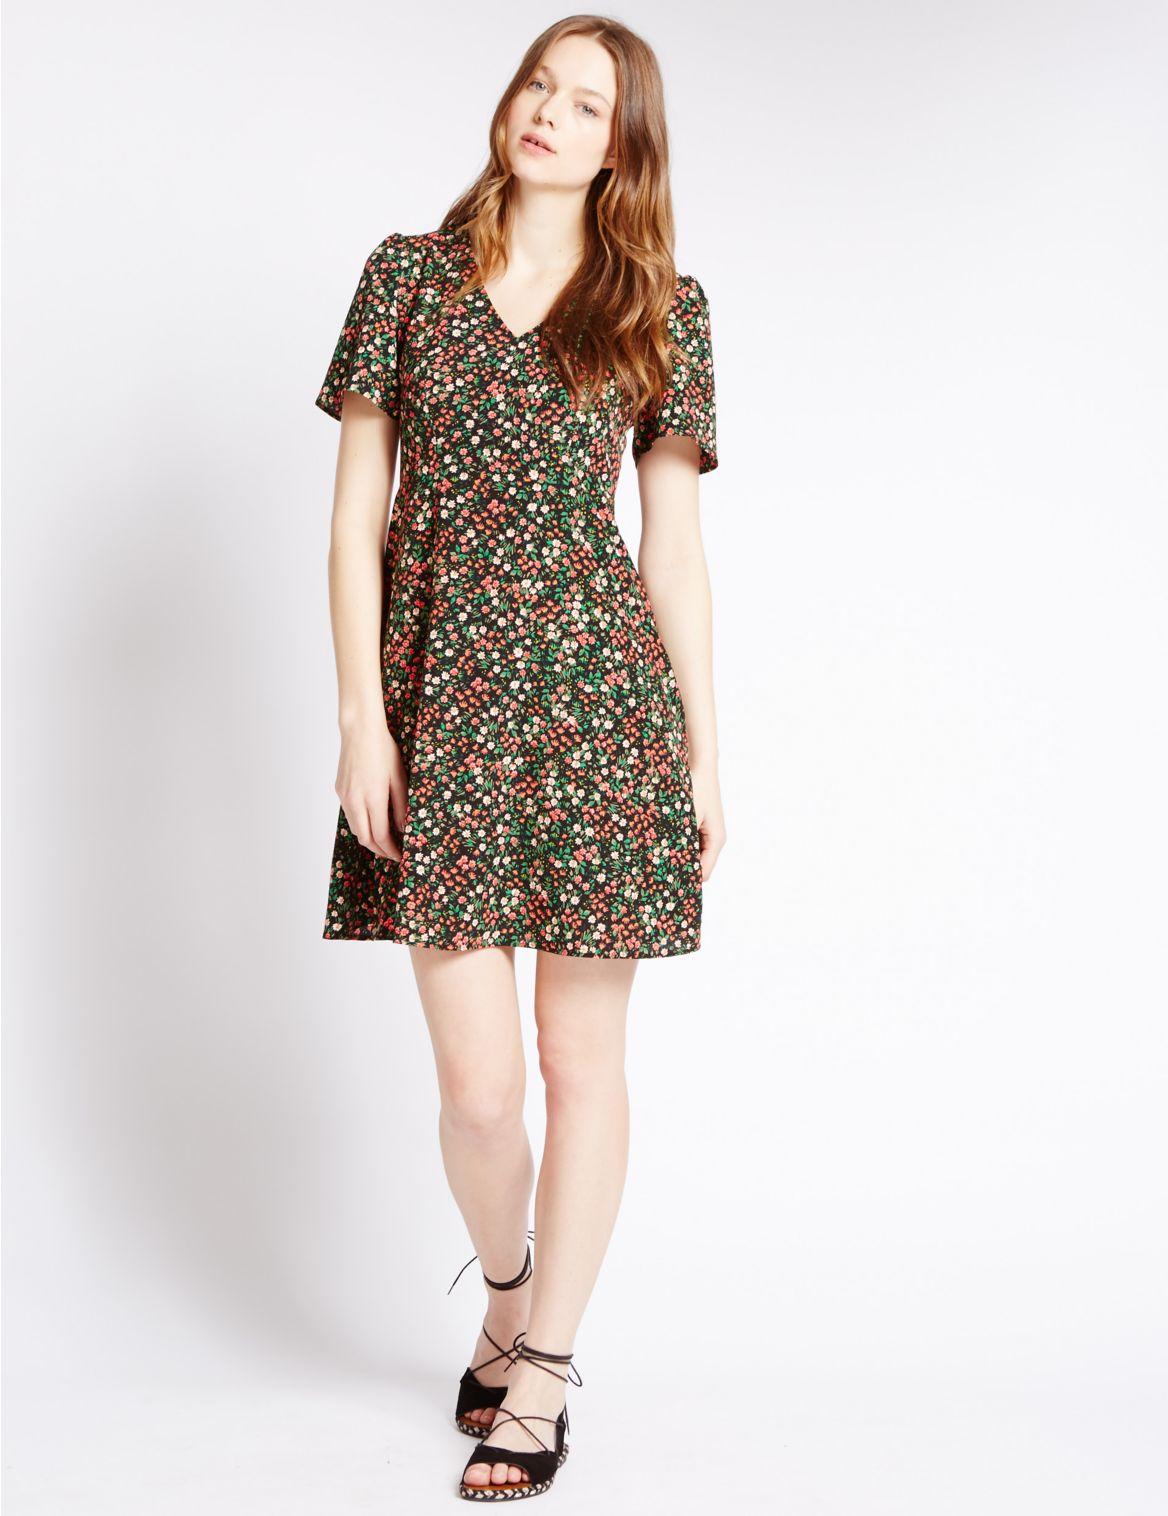 Rechte jurk met grappig bloemmotief